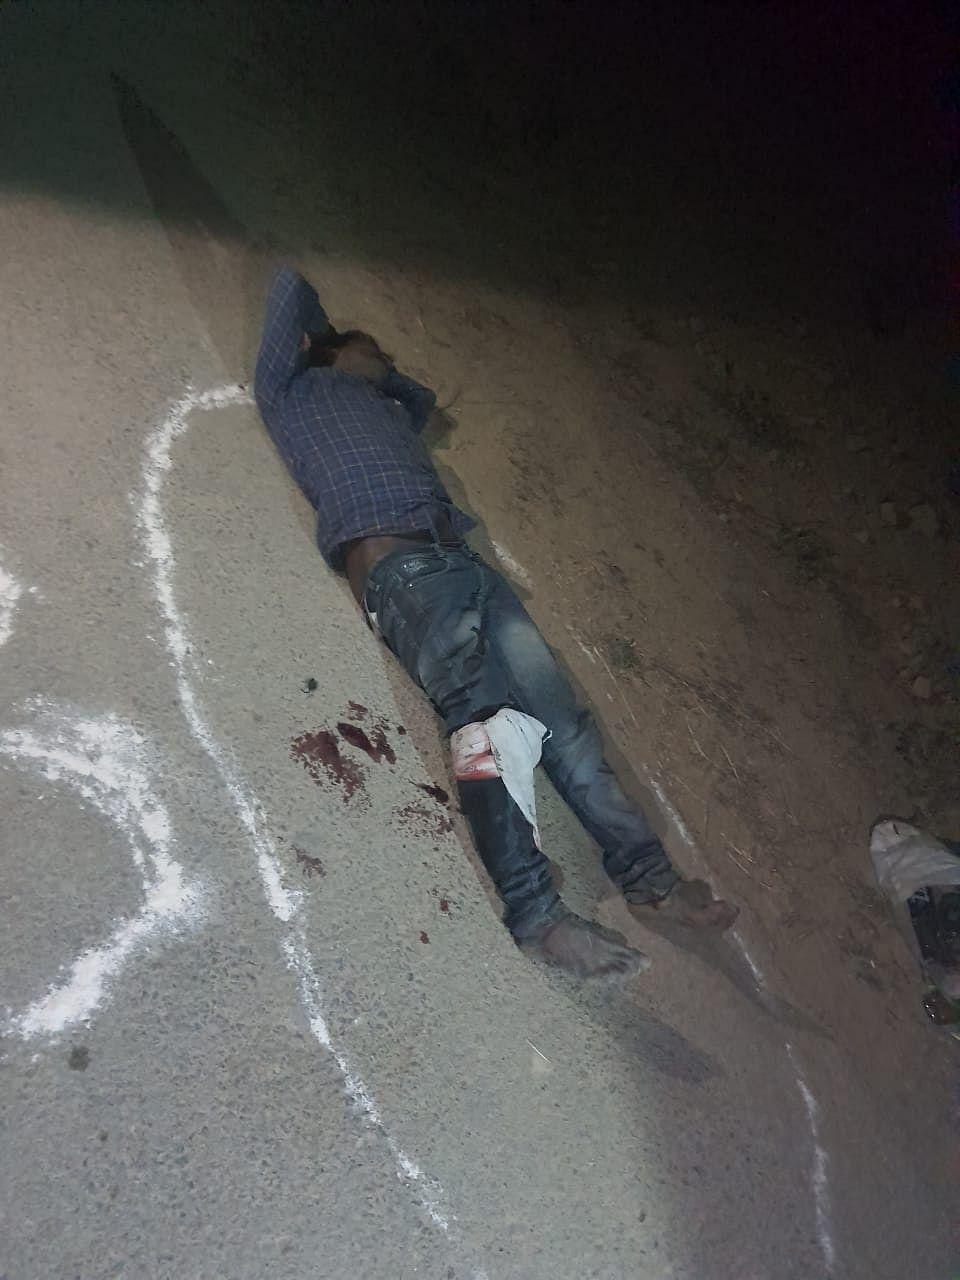 prayagraj-injured-in-shooting-in-liquor-mafia-police-encounter